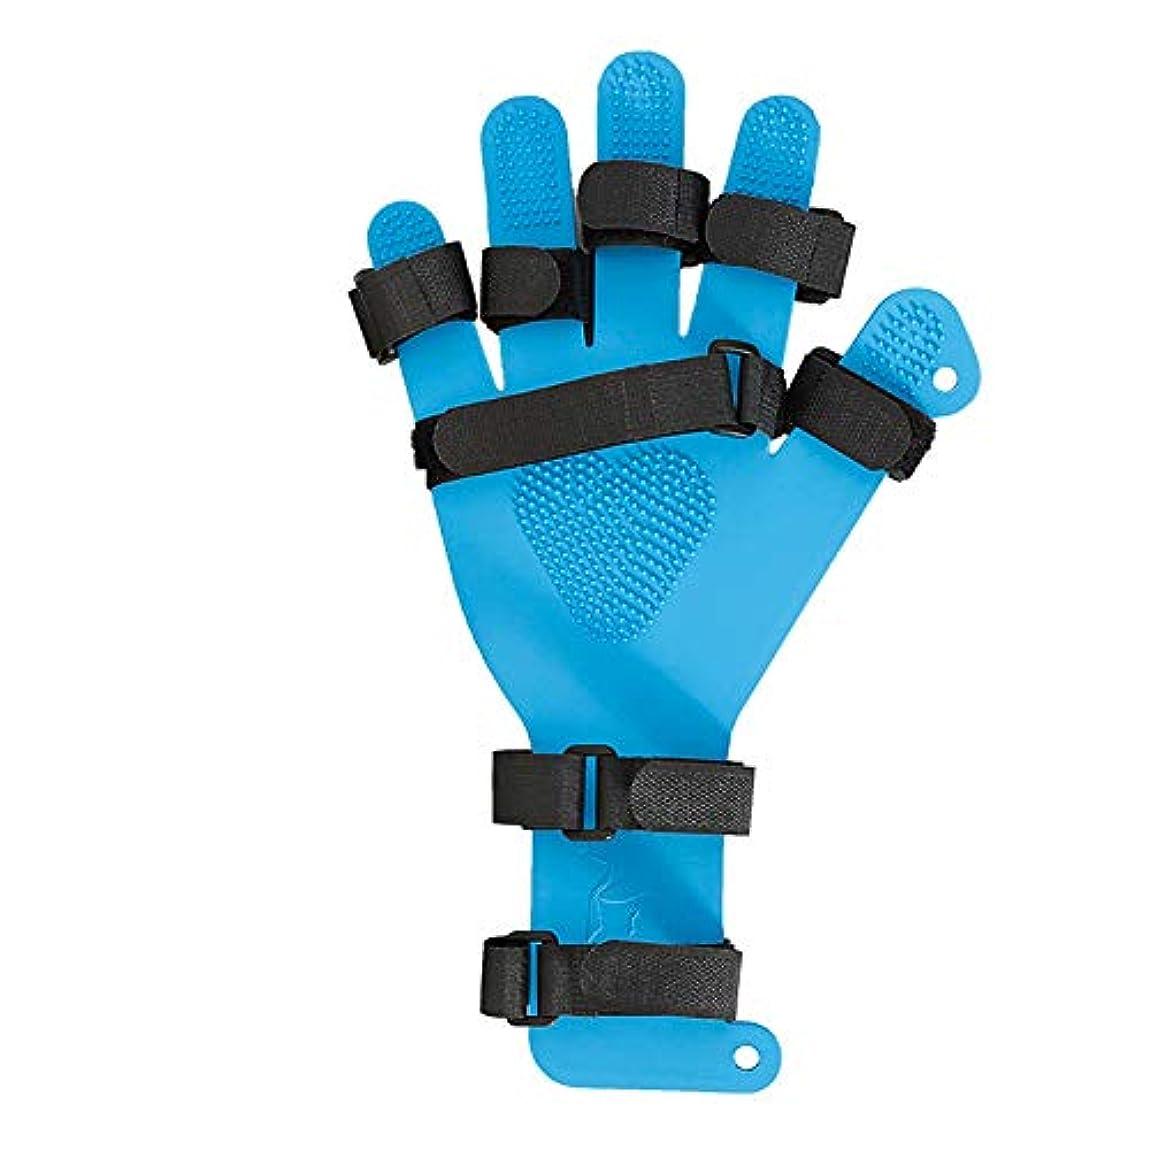 優れました宿生理どちらの手のための手の手首のトレーニング装具調節可能指セパレーター拡張ボード - (Size : Child)